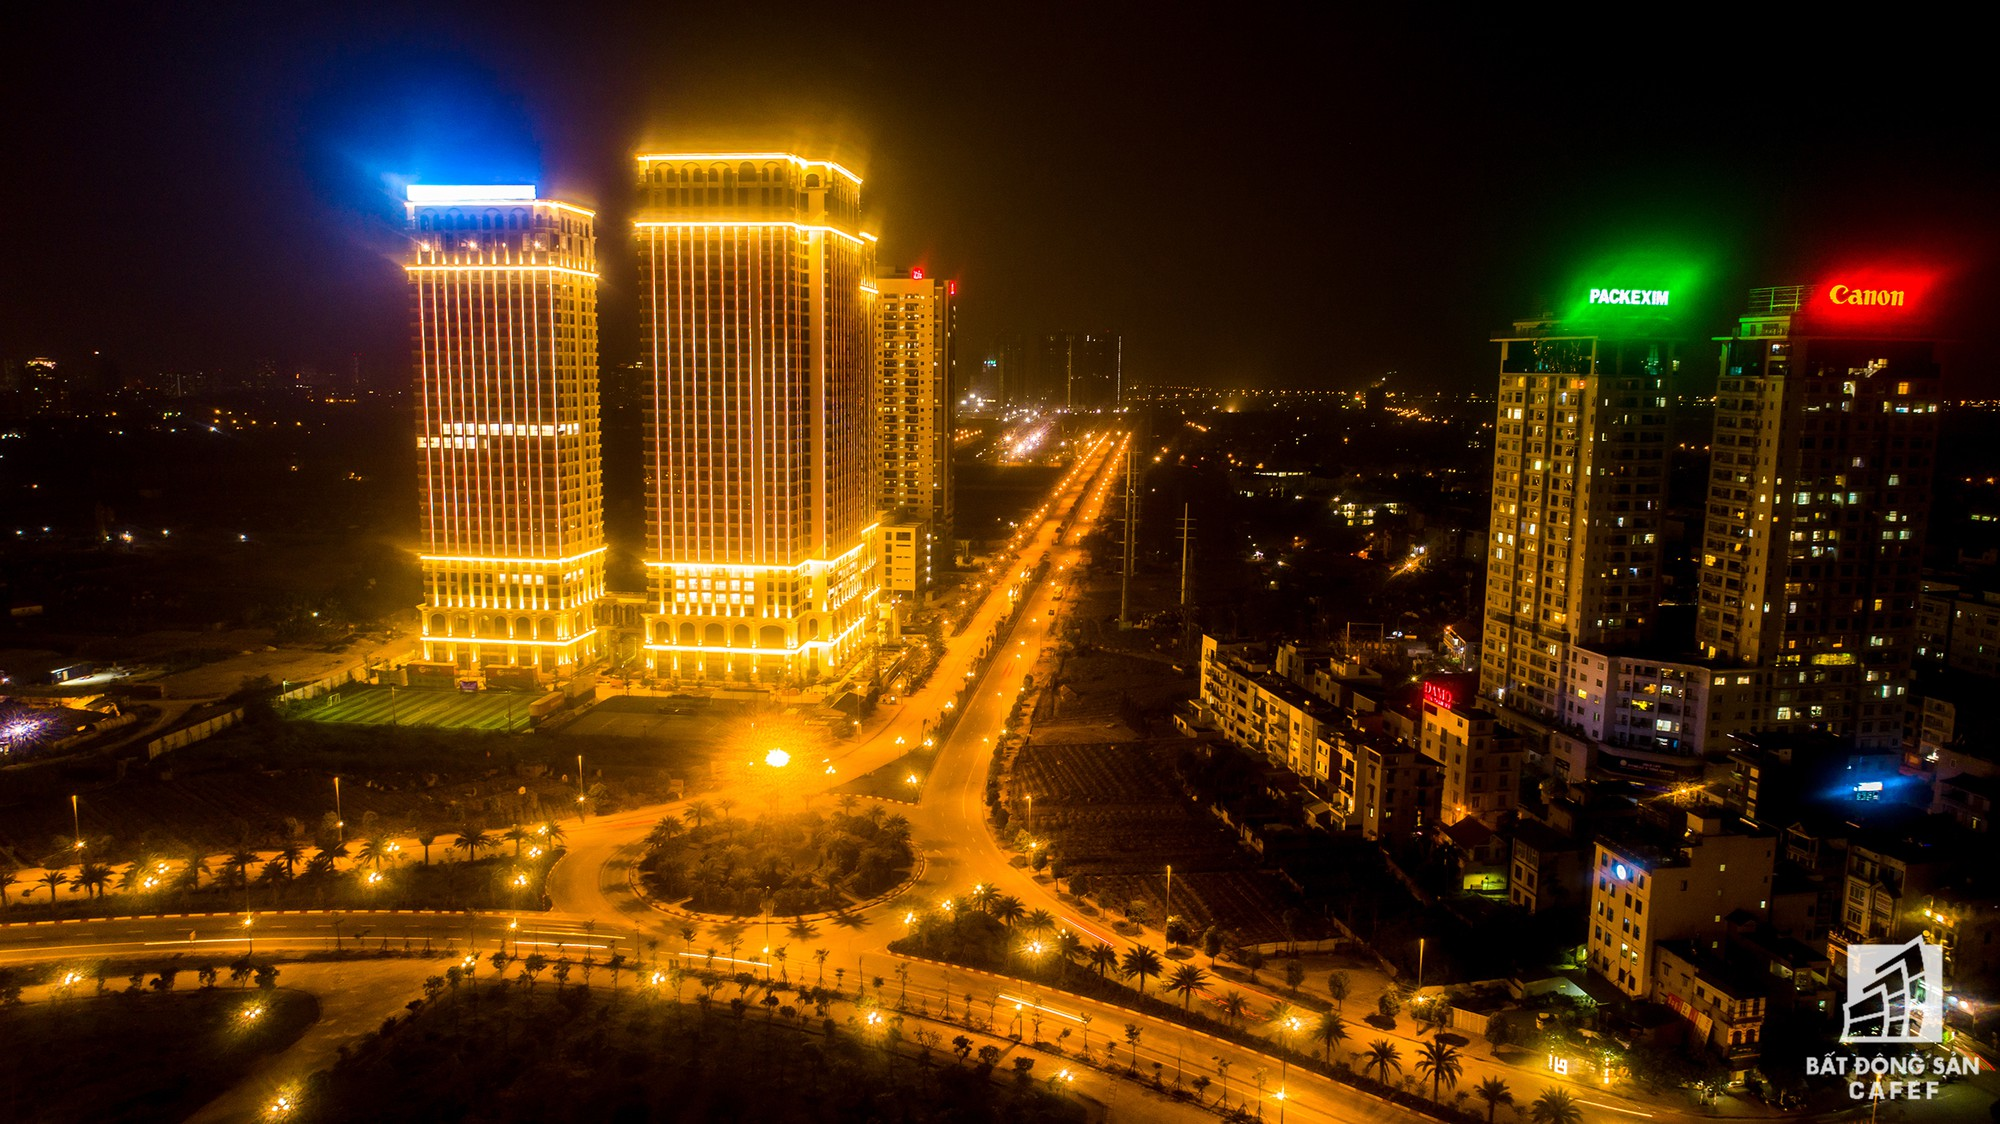 Cận cảnh hàng loạt dự án cao ốc dọc trục đường 8 làn xe tại trung tâm Hà Nội - Ảnh 8.